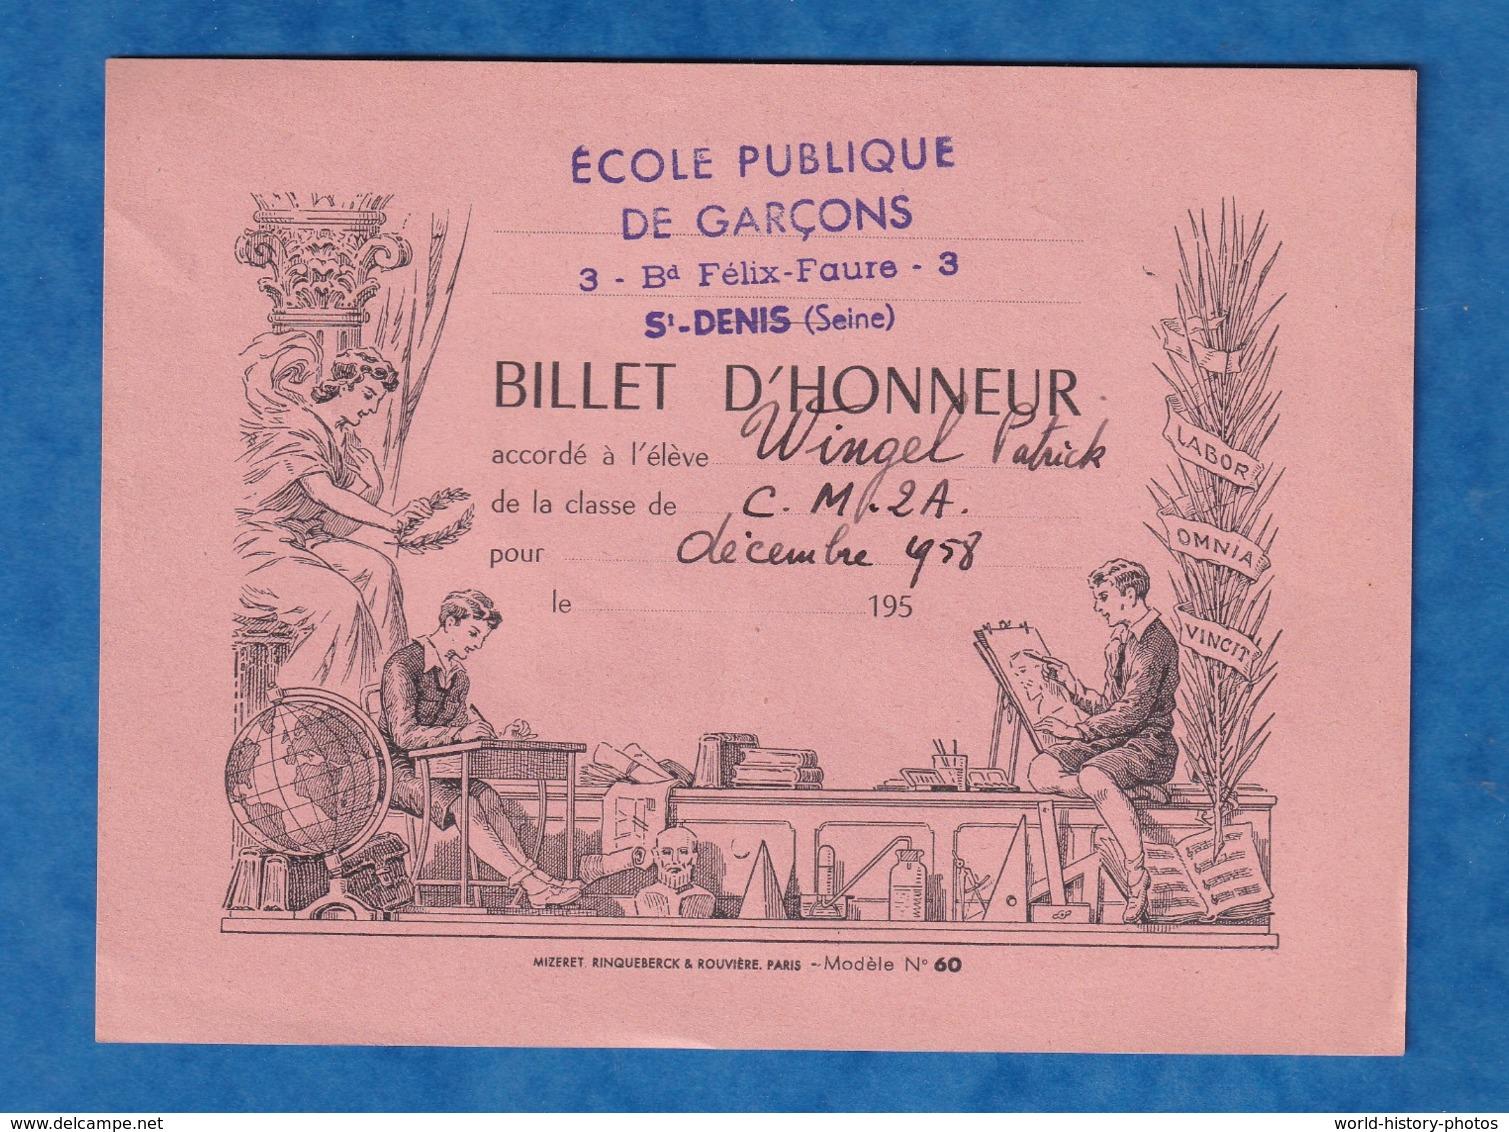 - Billet D'honneur De 1958 - SAINT DENIS - Ecole Publique De Garçons 3 Boulevard Félix Faure - Patrick WINGEL - Billets